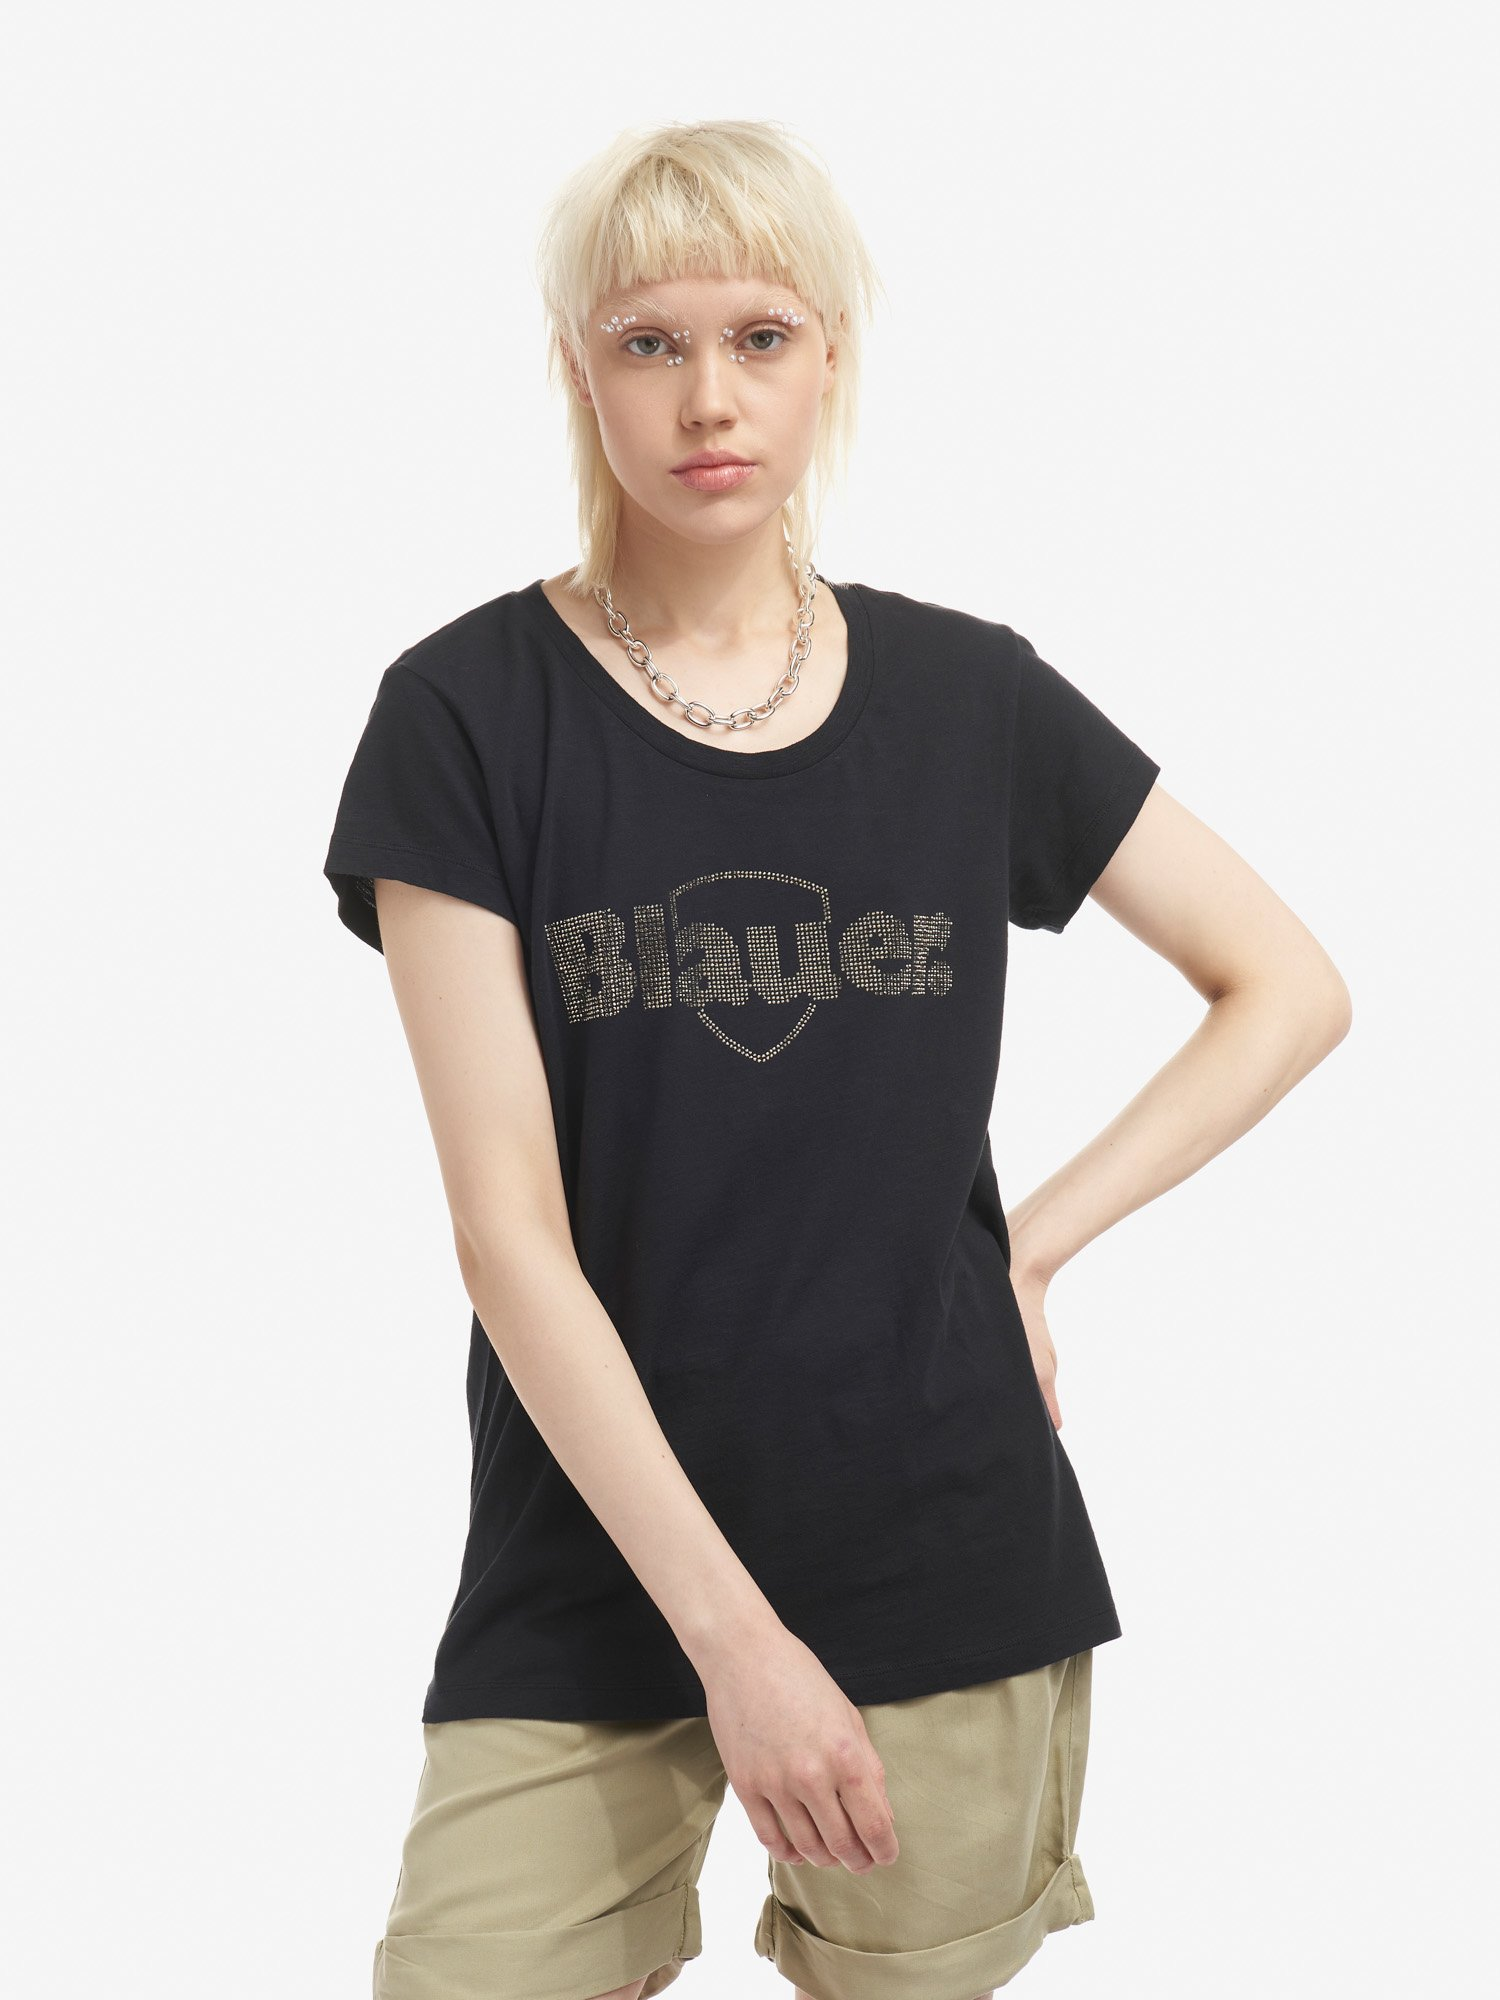 T-SHIRT BLAUER STRASS - Blauer